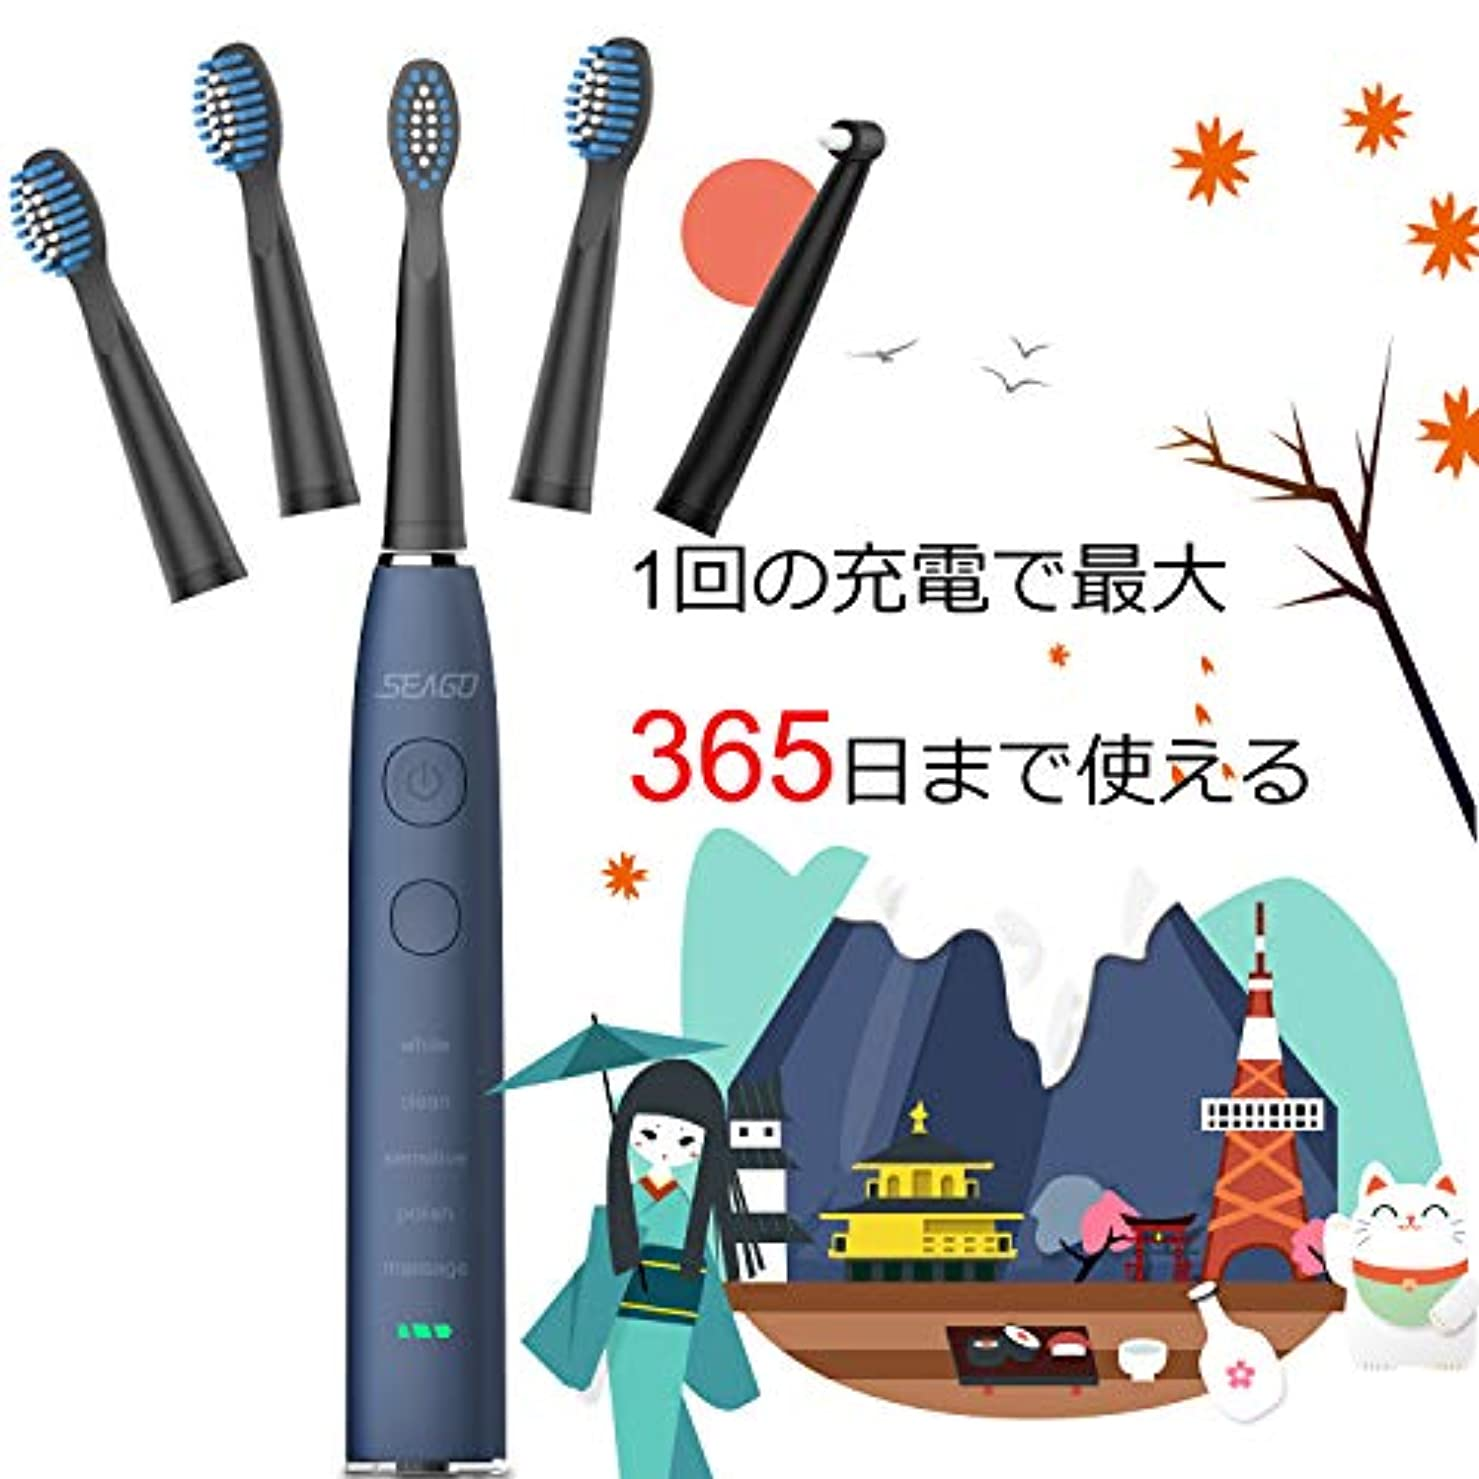 甘くする権威大胆電動歯ブラシ 歯ブラシ seago 音波歯ブラシ USB充電式8時間 365日に使用 IPX7防水 五つモードと2分オートタイマー機能搭載 替えブラシ5本 12ヶ月メーカー保証 SG-575(ブルー)